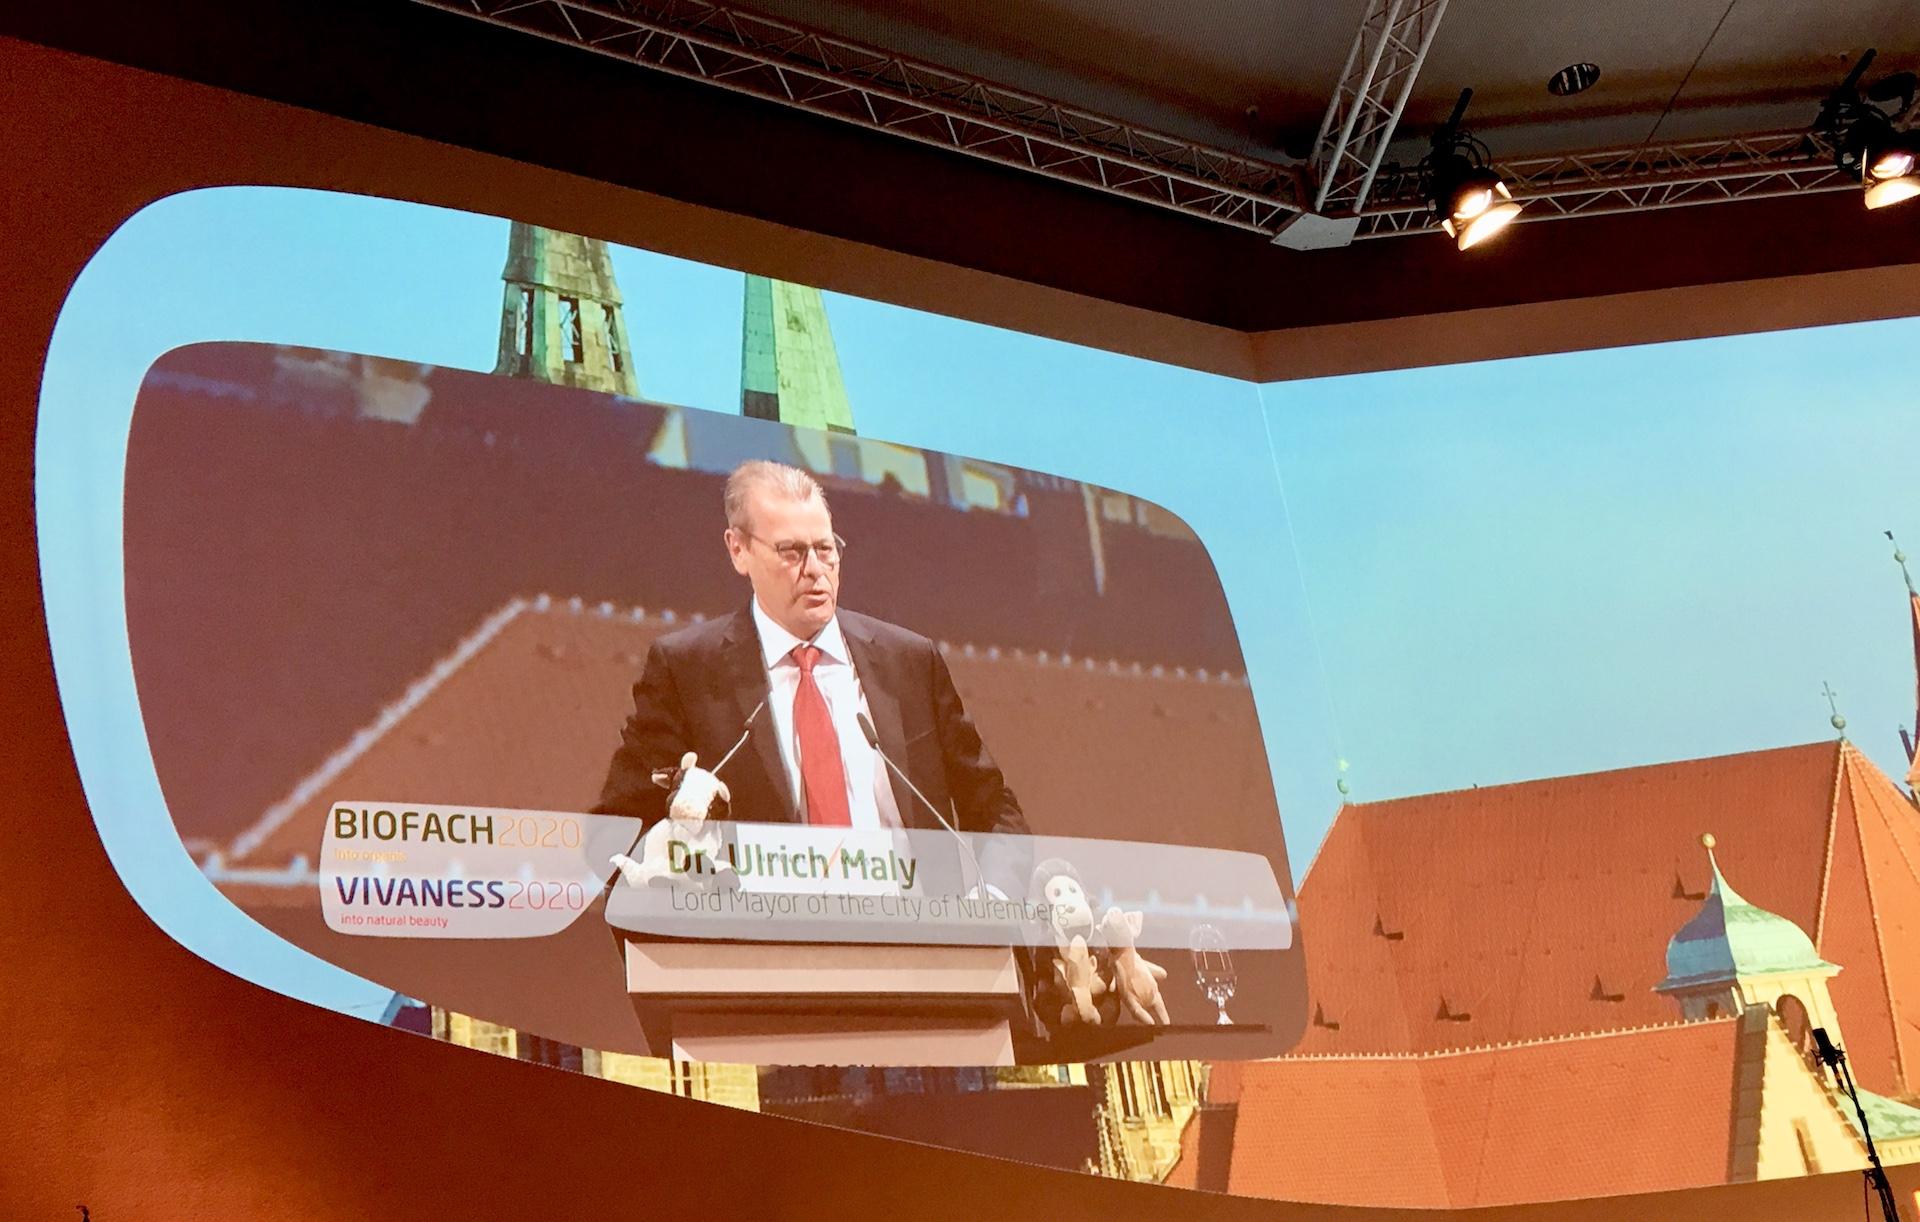 fot-zaneta-geltz-Nurnberg-messe-biofach-vivaness-happy-evolution-2020-Ulrich-Maly-Lord-Mayor-nuremberg